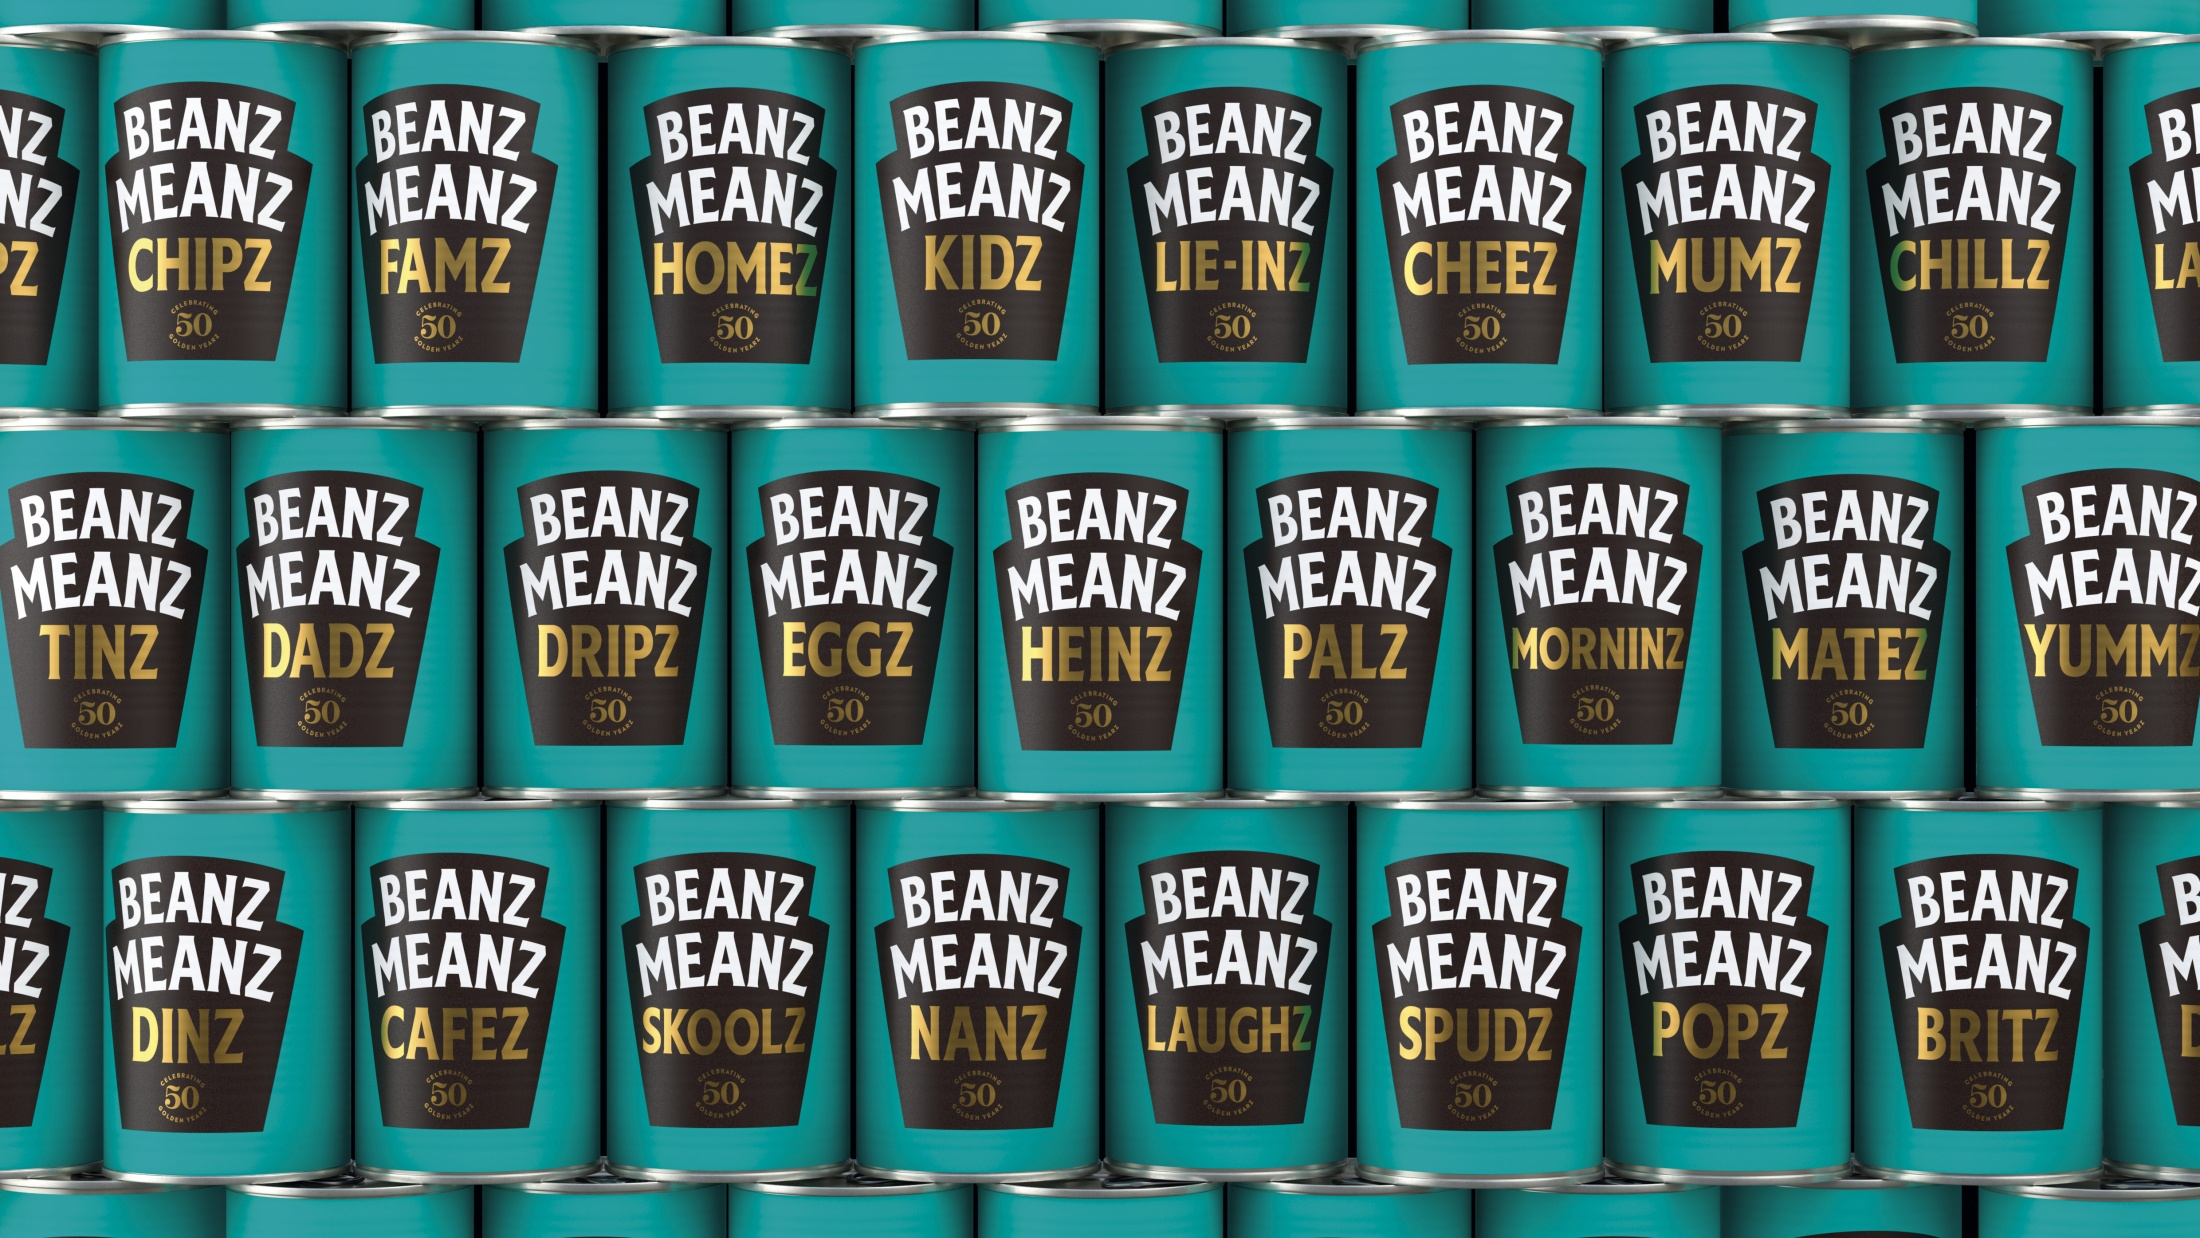 Thumbnail for Beanz Meanz Heinz